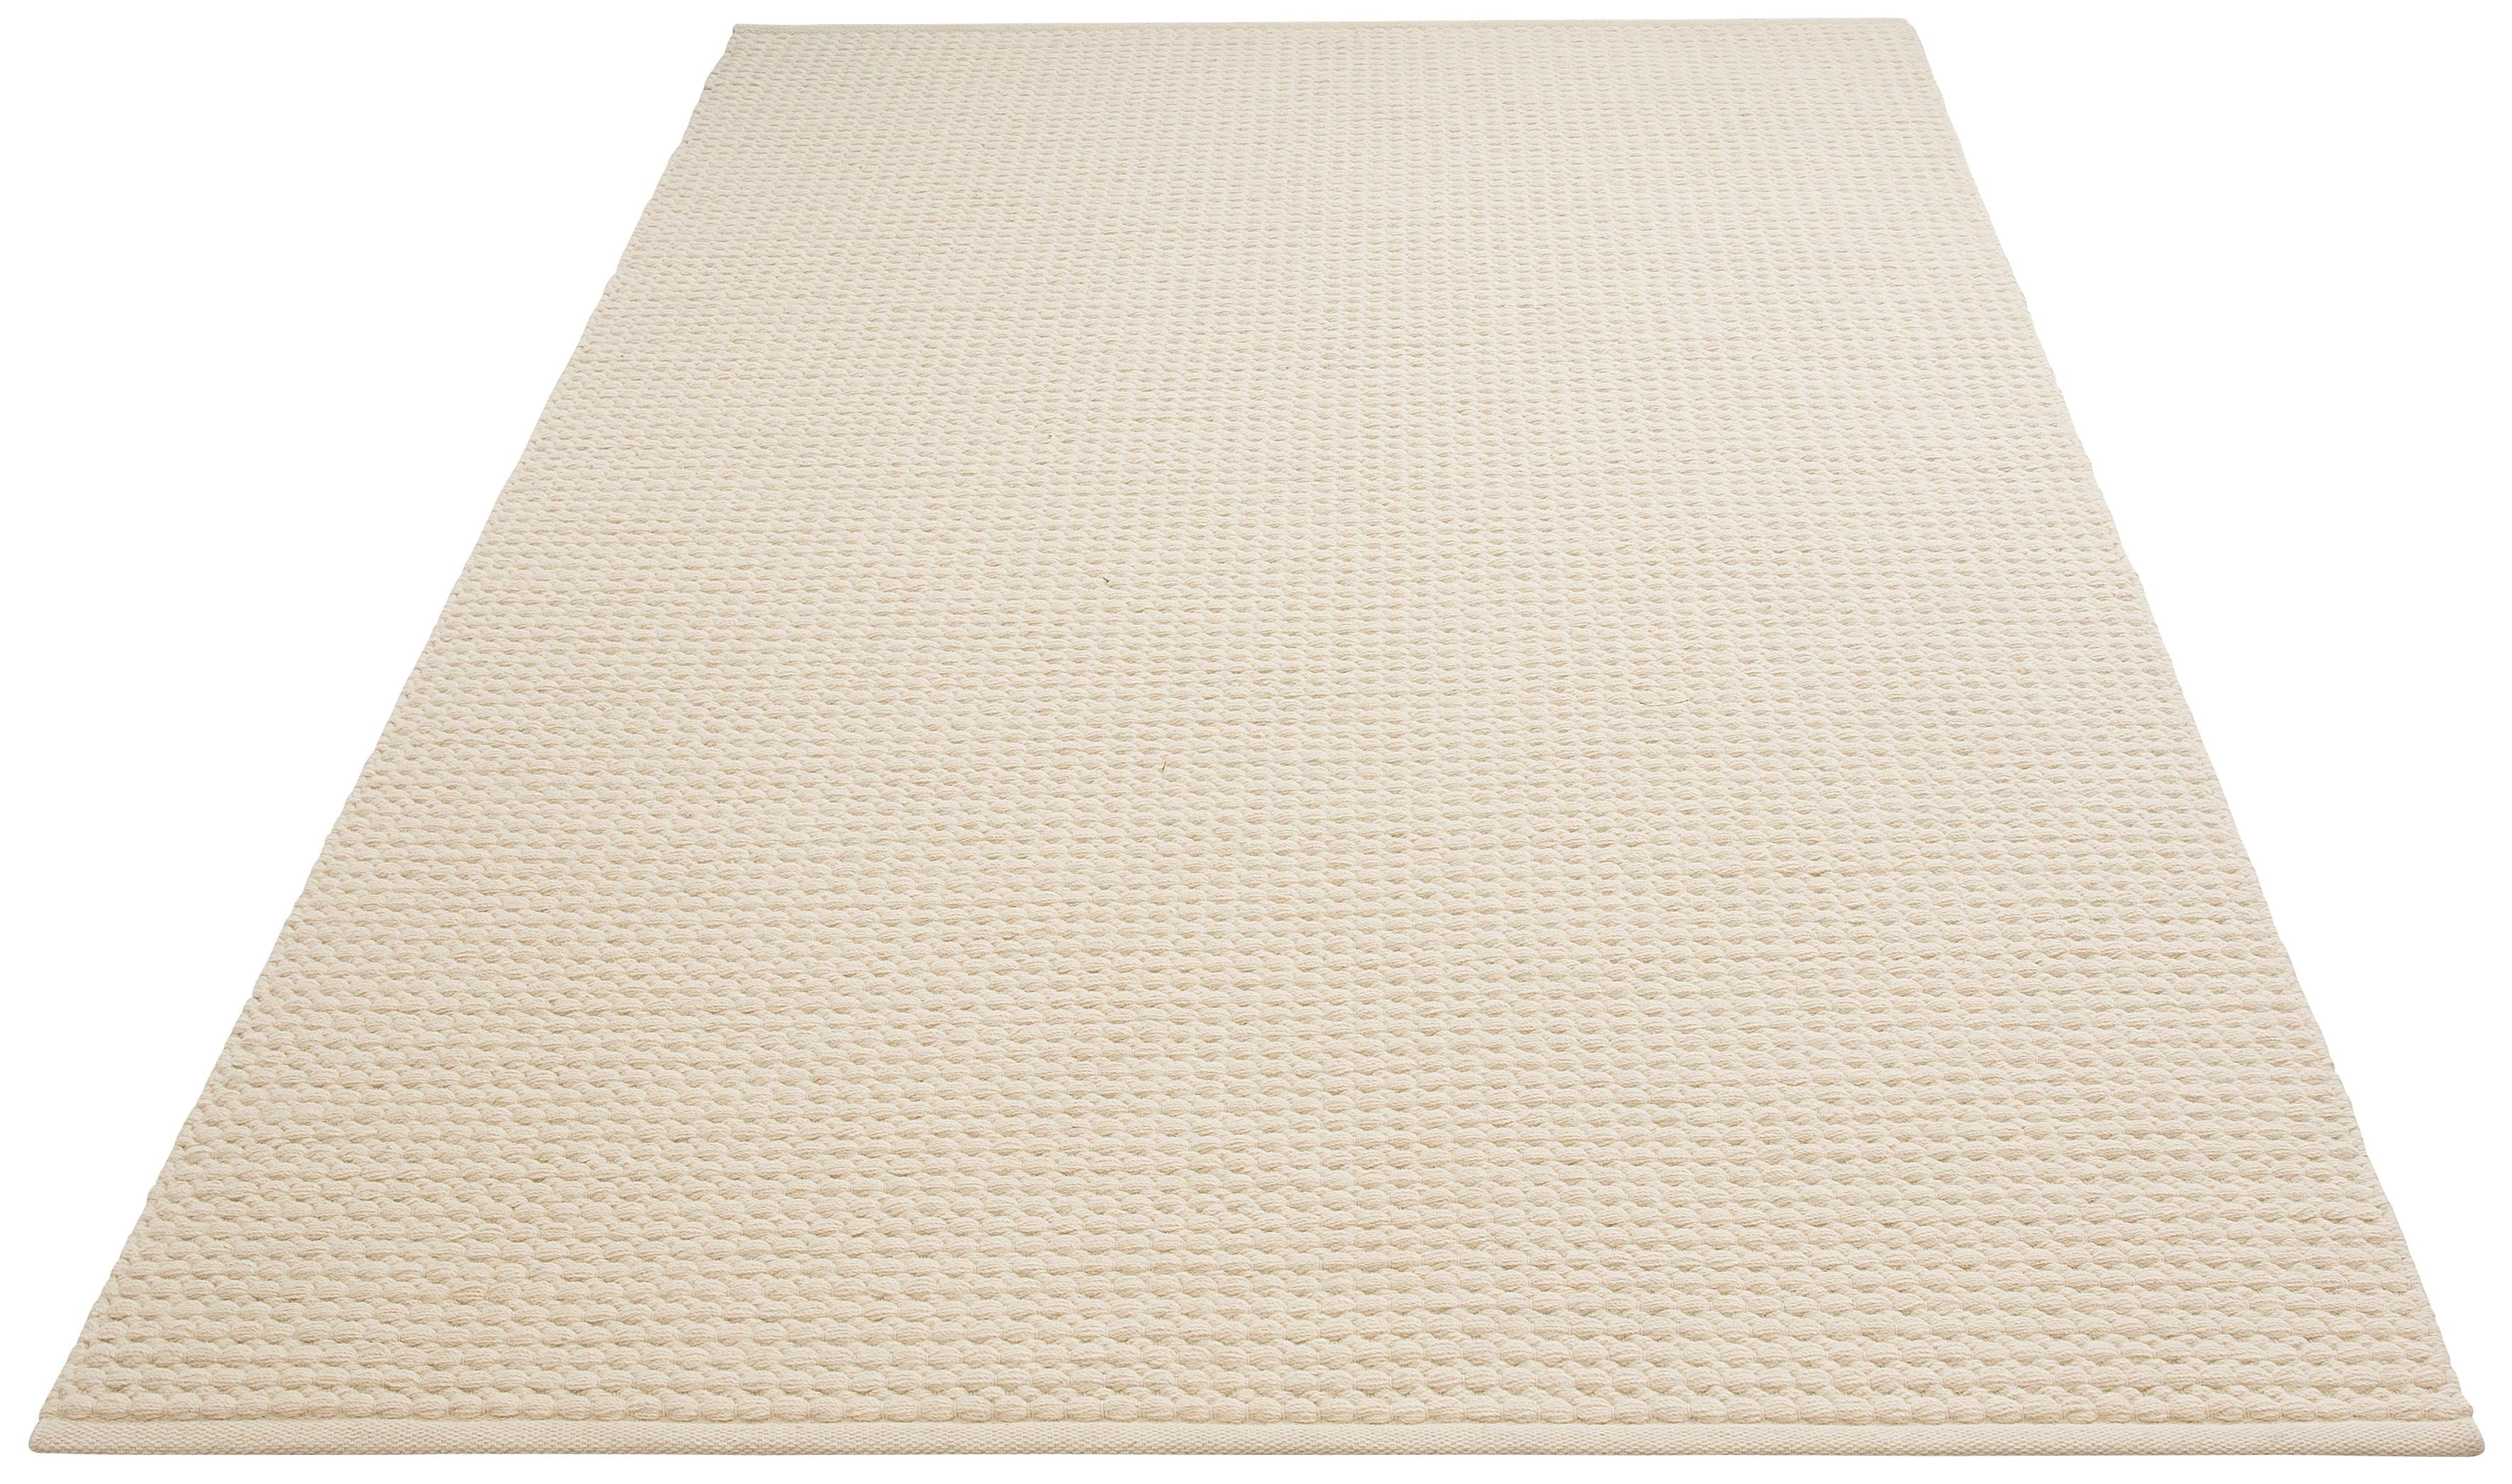 DELAVITA Teppich Sanara, rechteckig, 13 mm Höhe, Strickoptik, Wohnzimmer beige Esszimmerteppiche Teppiche nach Räumen